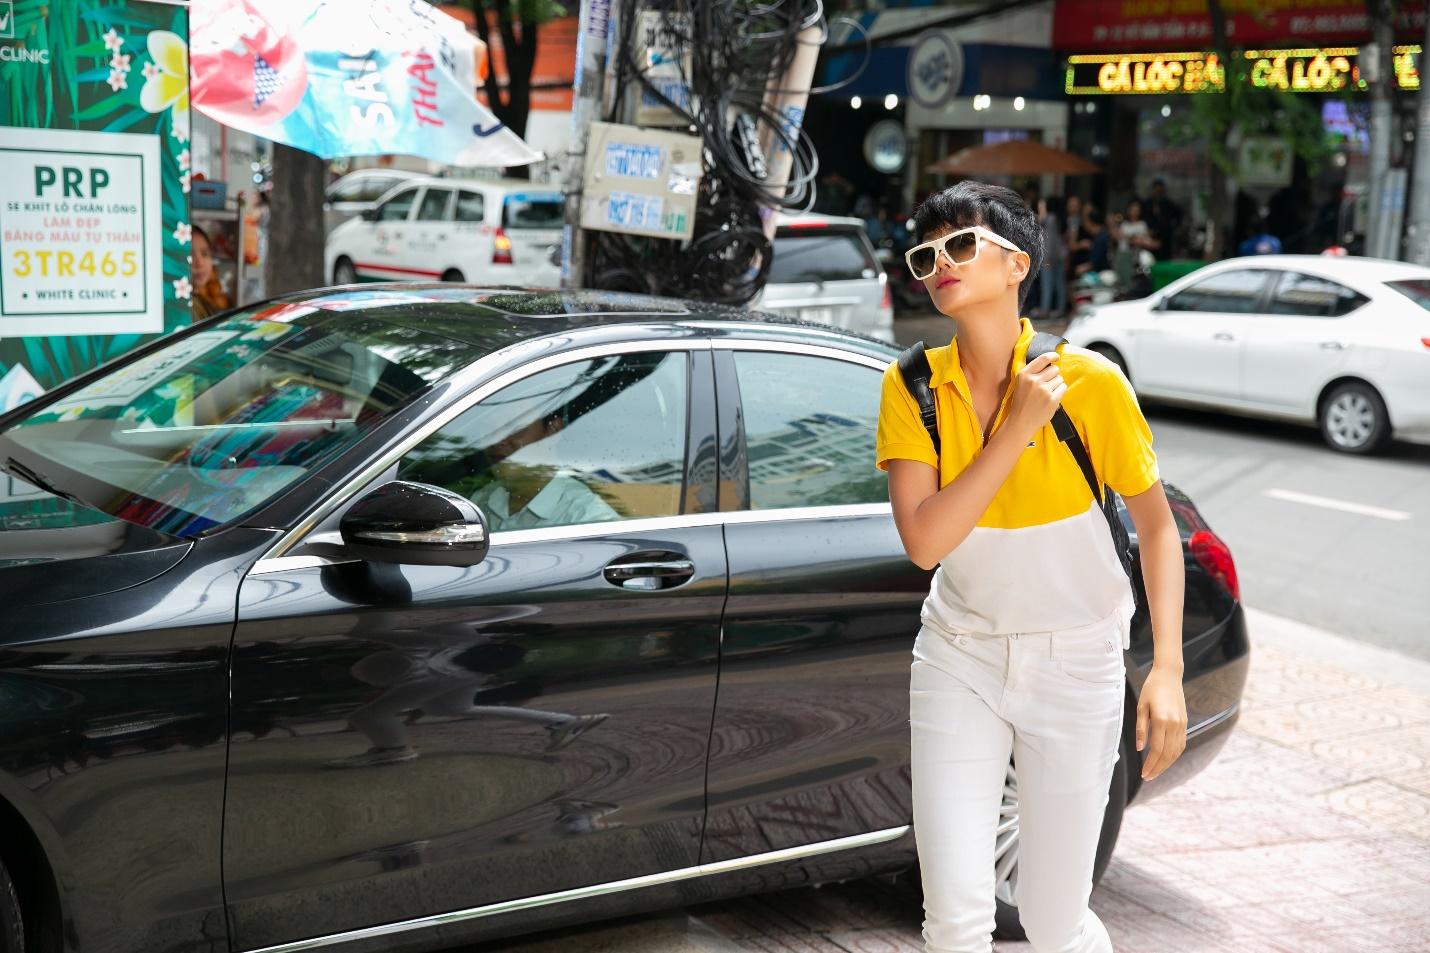 Hoa hậu HHen Niê đến spa tắm trắng trước thềm cuộc thi Hoa hậu Hoàn vũ Thế giới? - Ảnh 6.